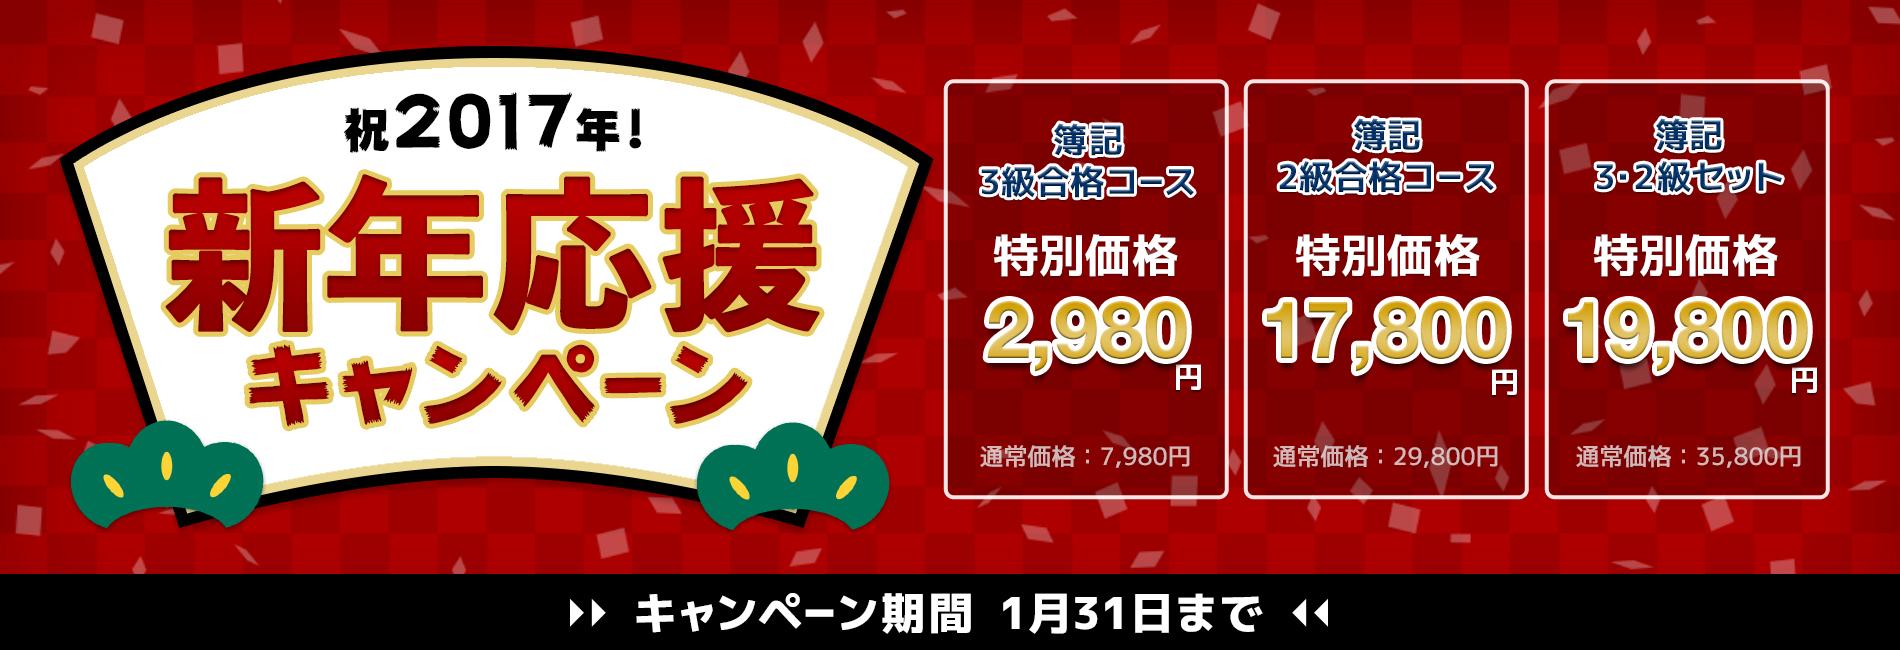 簿記  新年応援キャンペーン